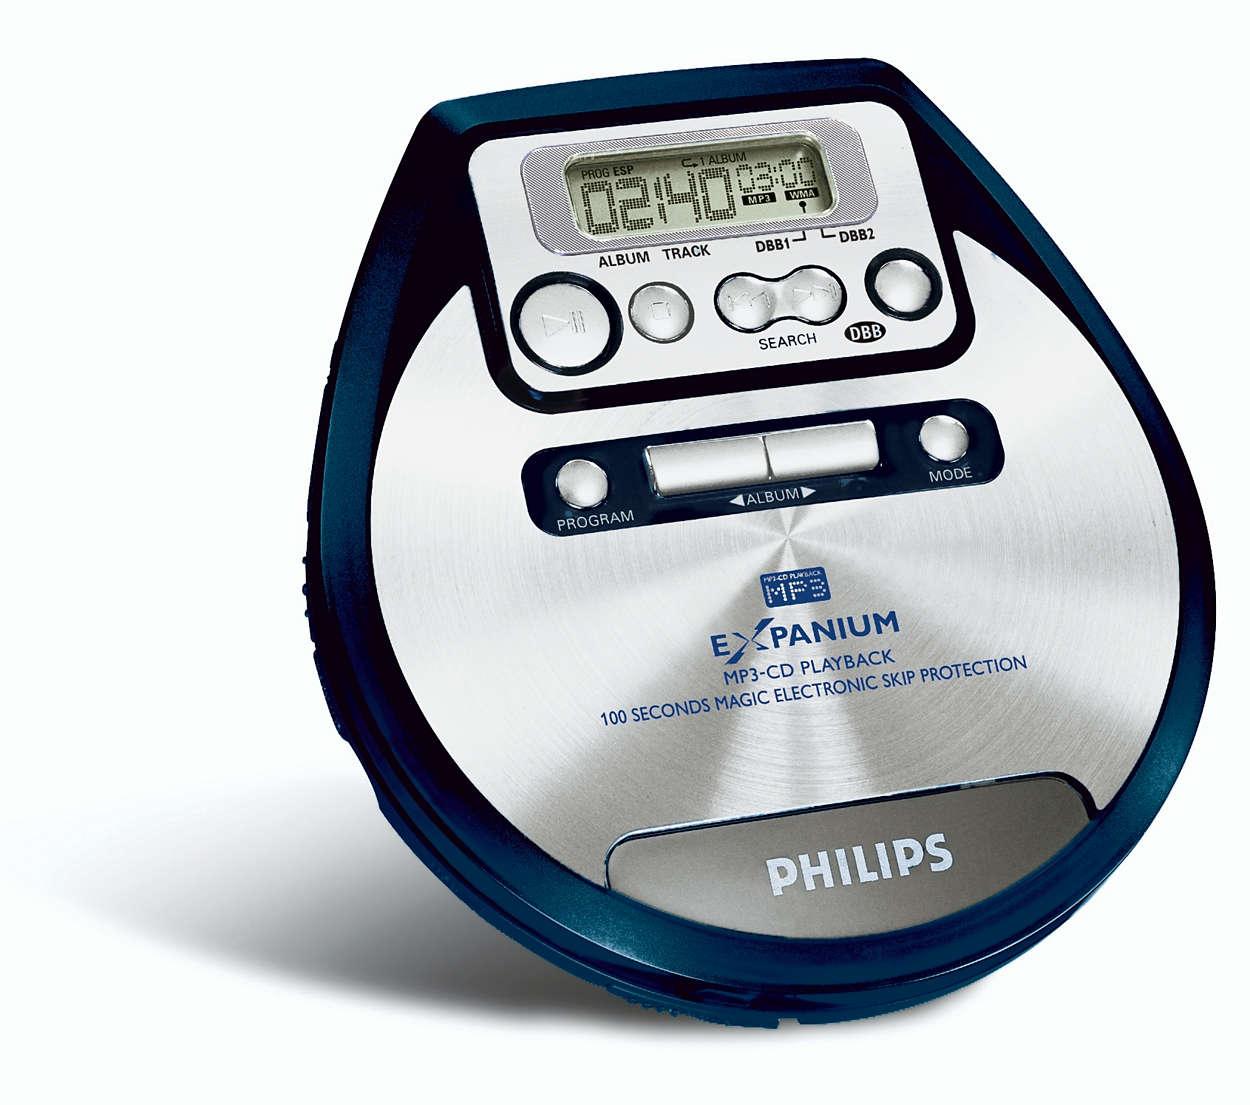 Disfruta de la música MP3.